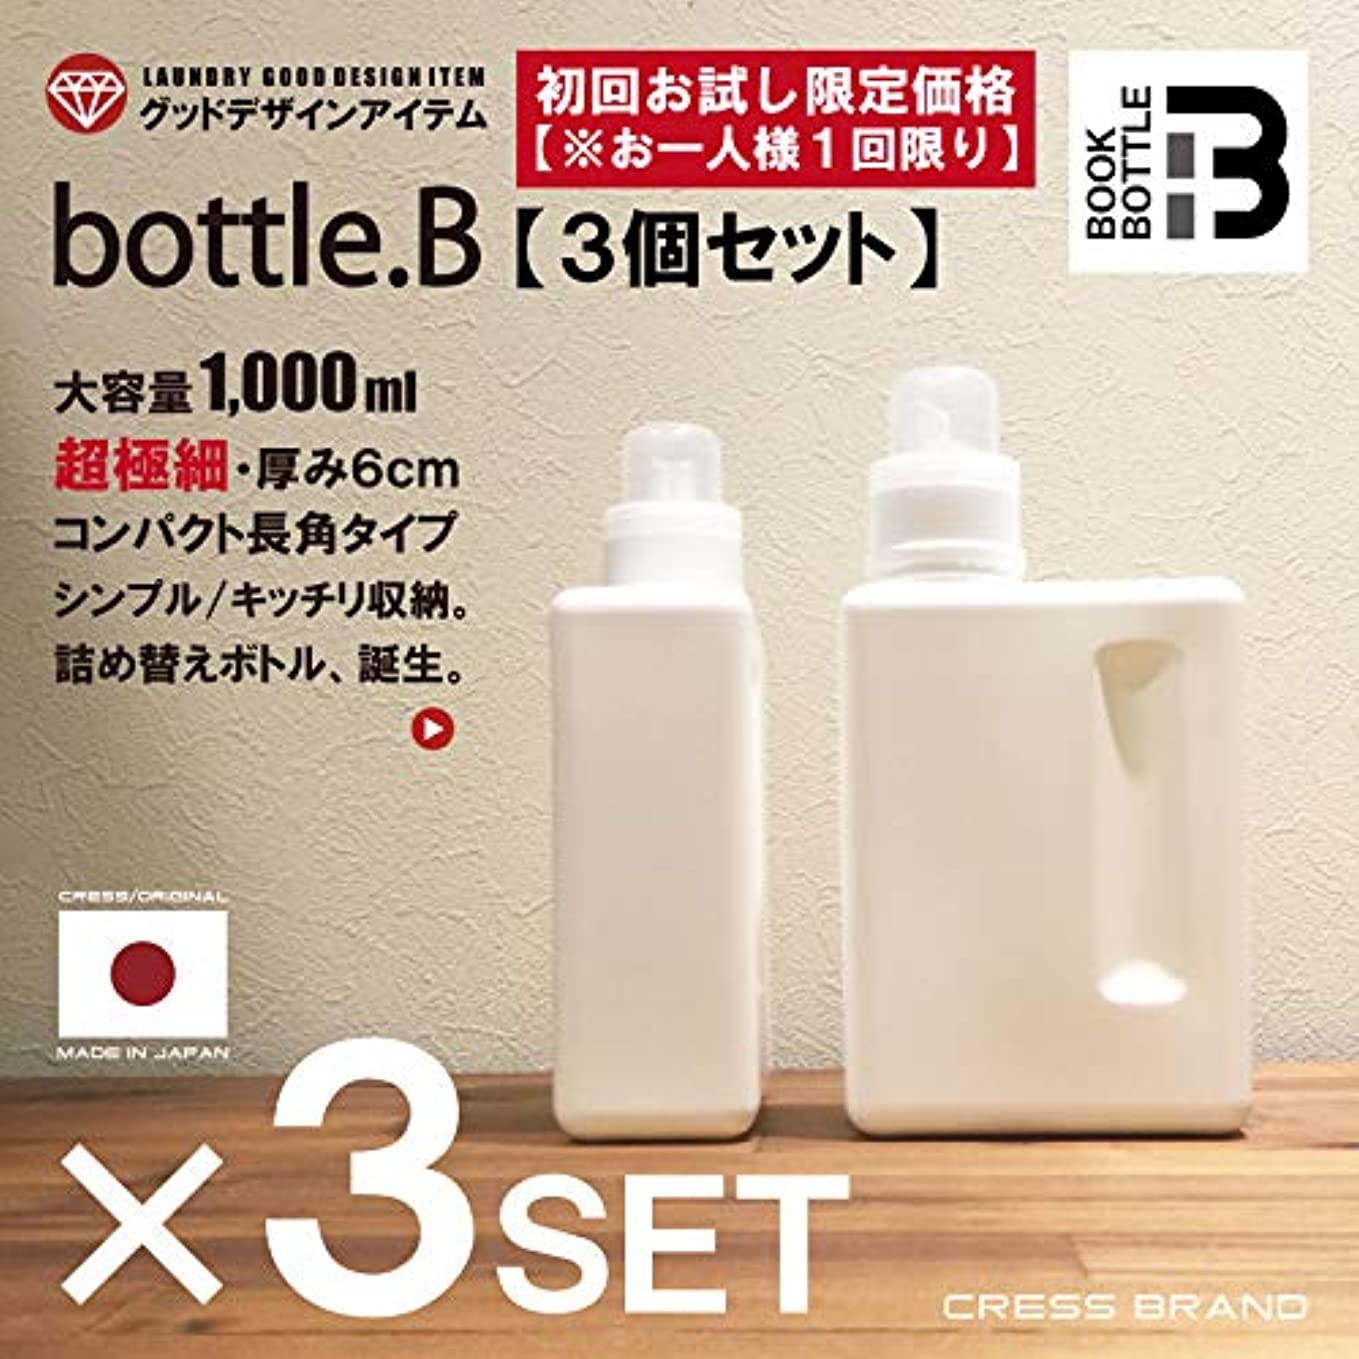 ラッシュ輝く氷<3個セット>bottle.B-3set【初回お試し限定価格?お一人さ様1回限り】[クレス?オリジナルボトル]1000ml BOOK-BOTTLE